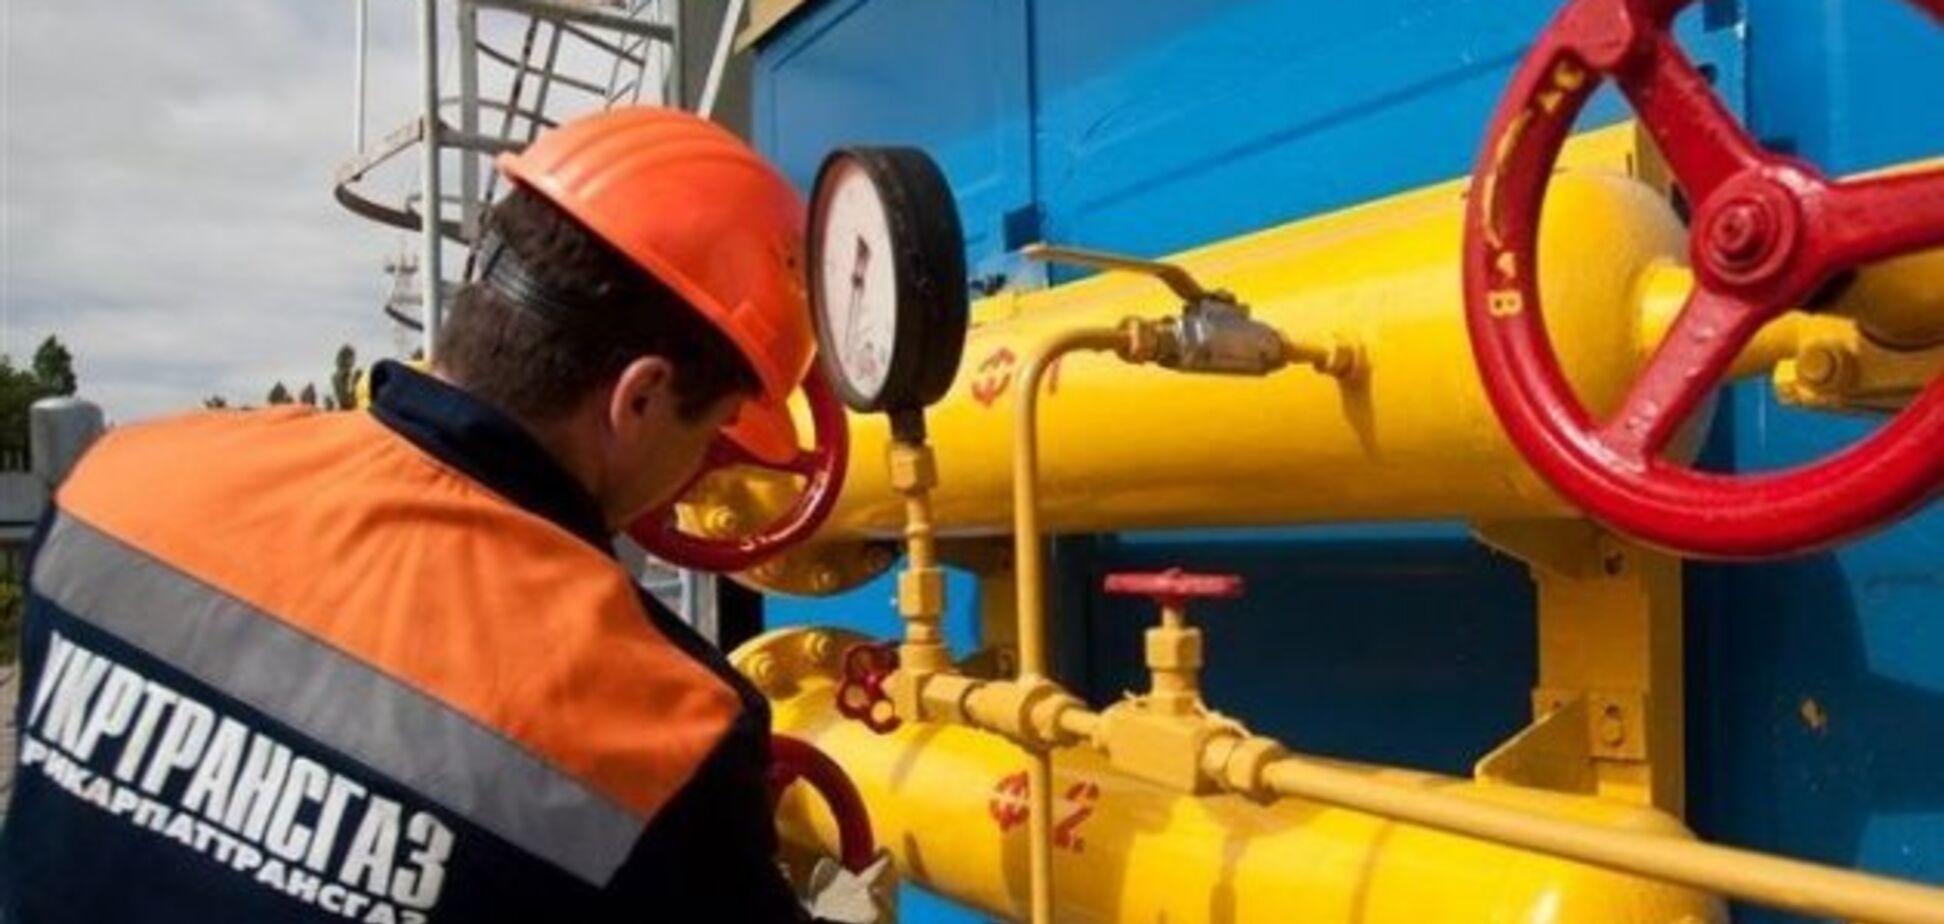 В умовах кризи збільшувати тарифи на газ неприпустимо – Каленков